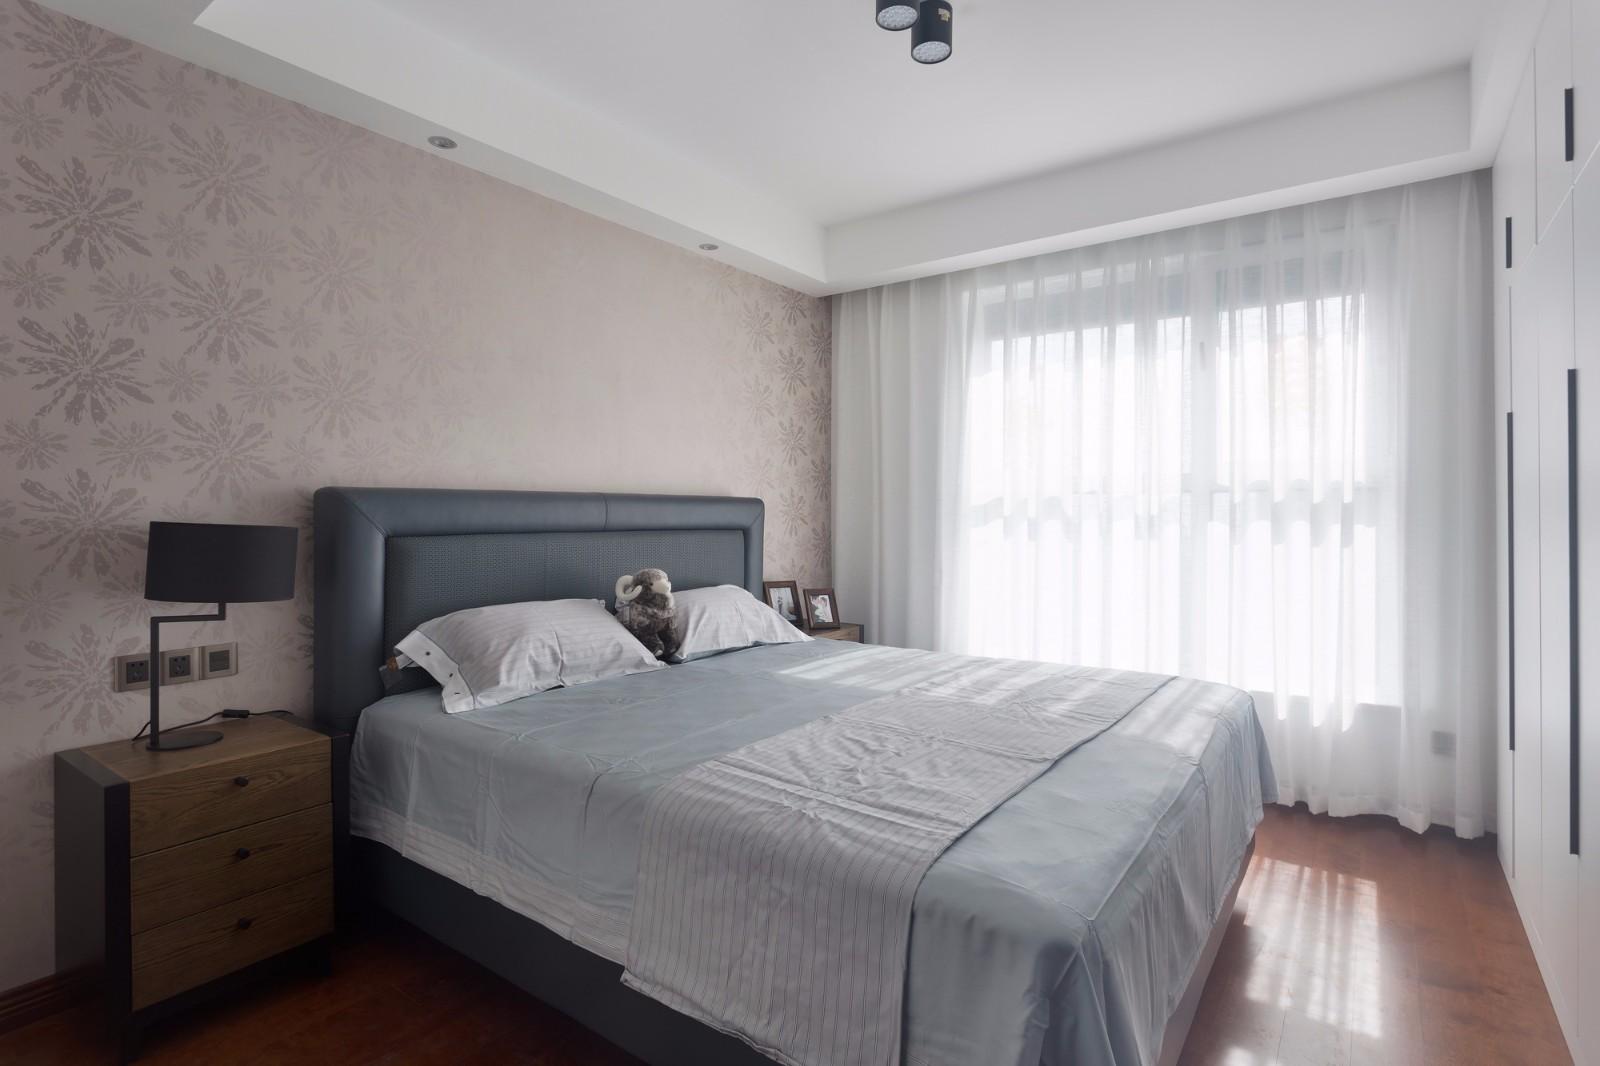 110㎡现代简约卧室装修效果图